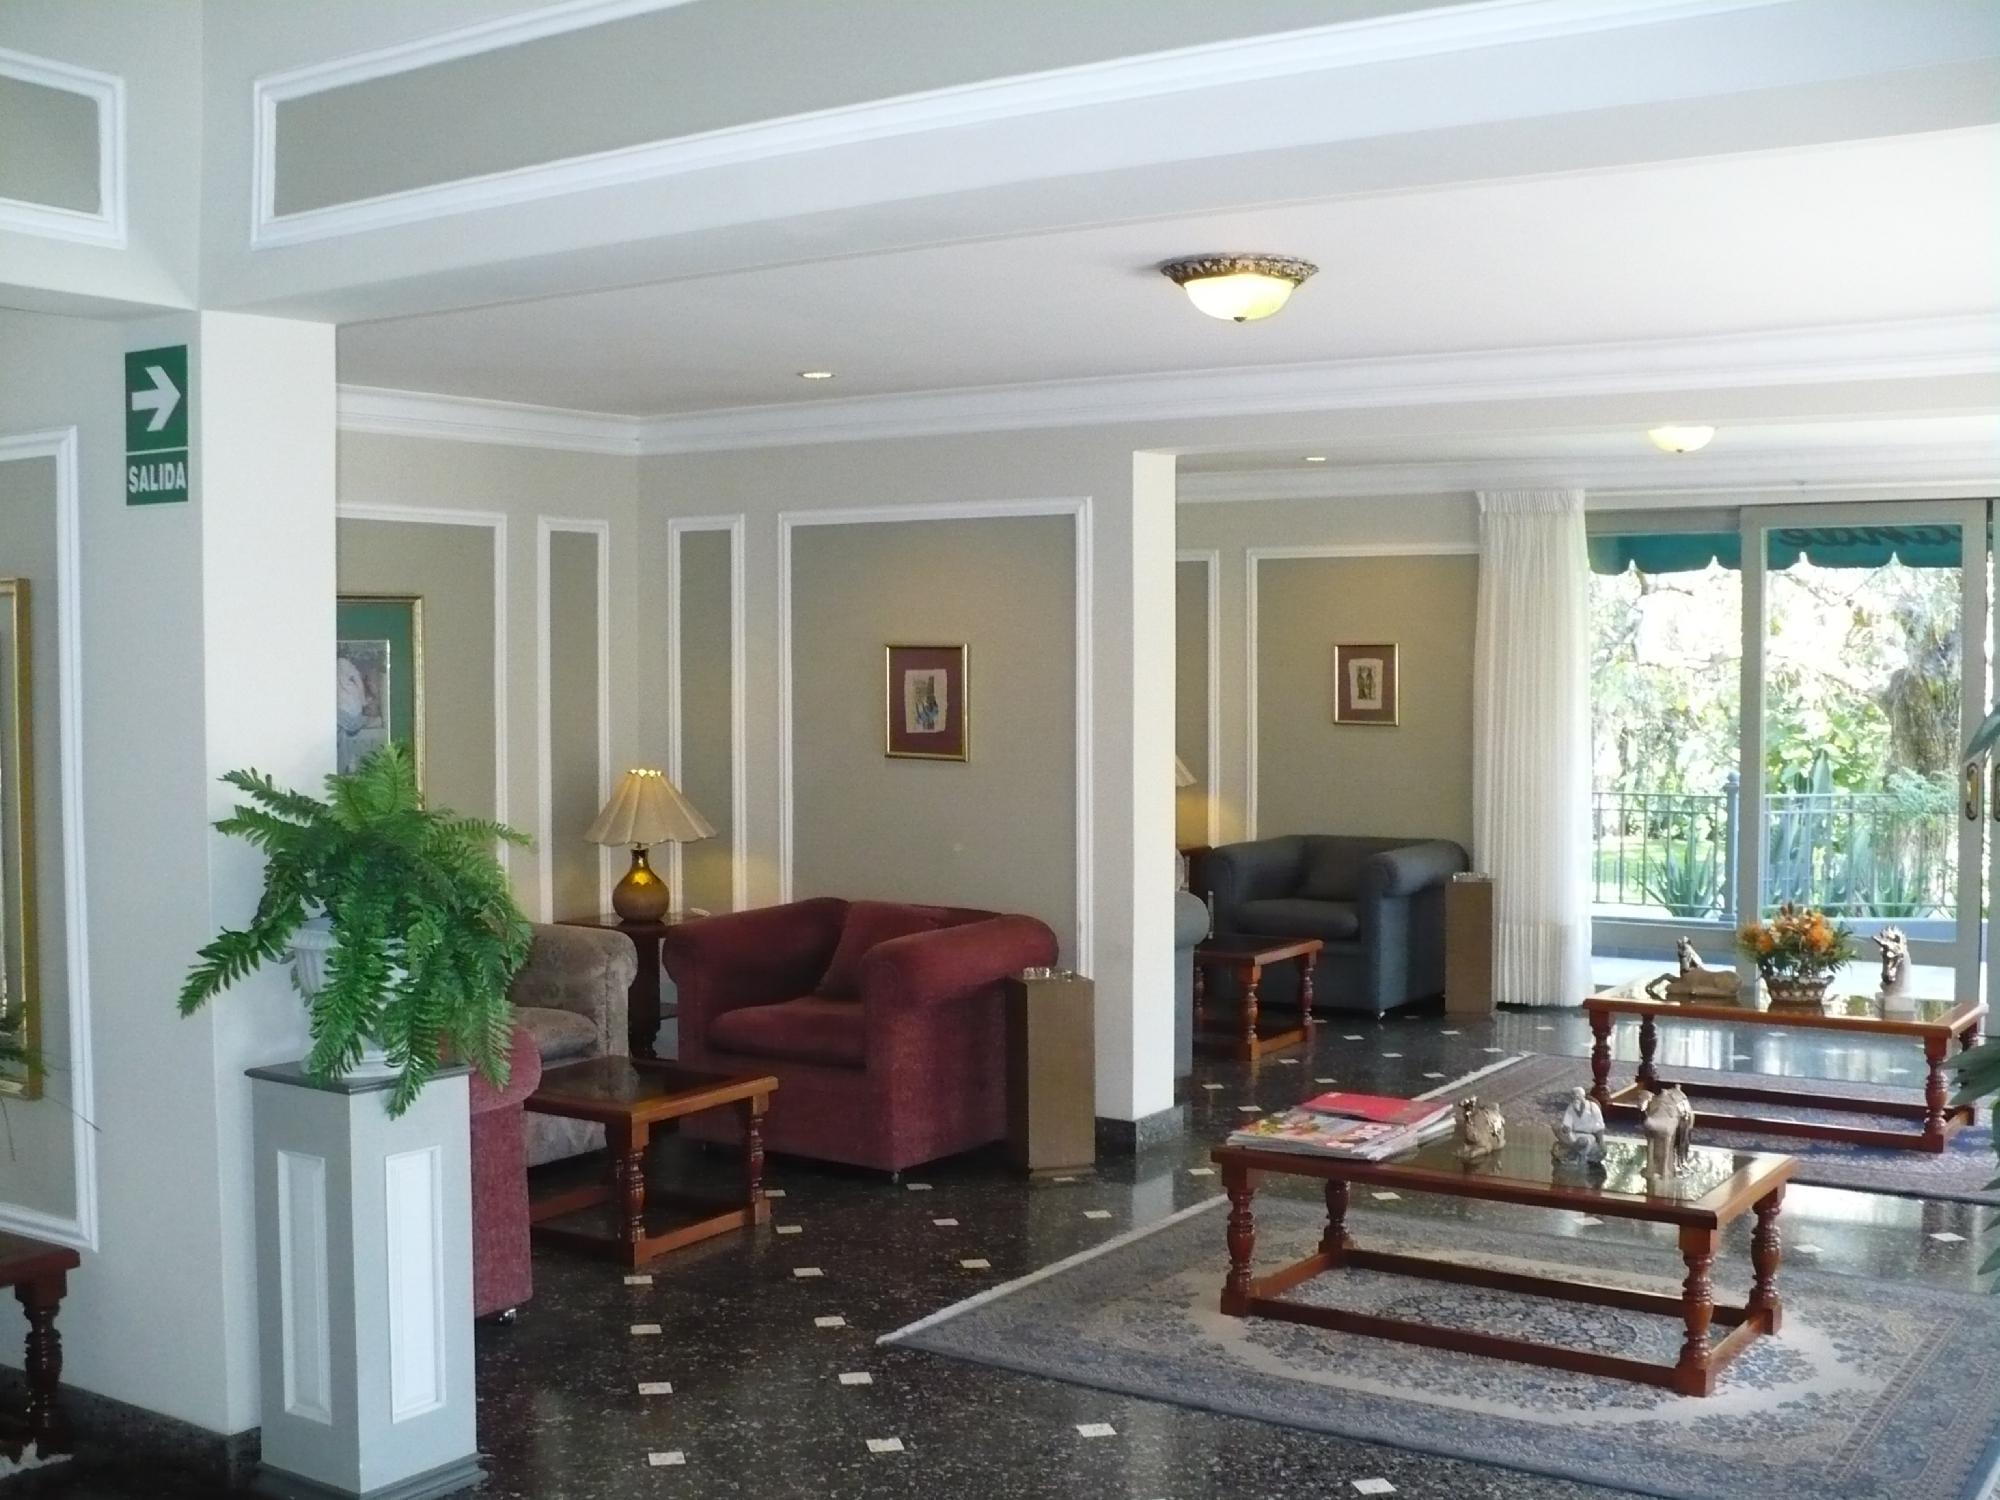 Casagrande Hotel Arequipa